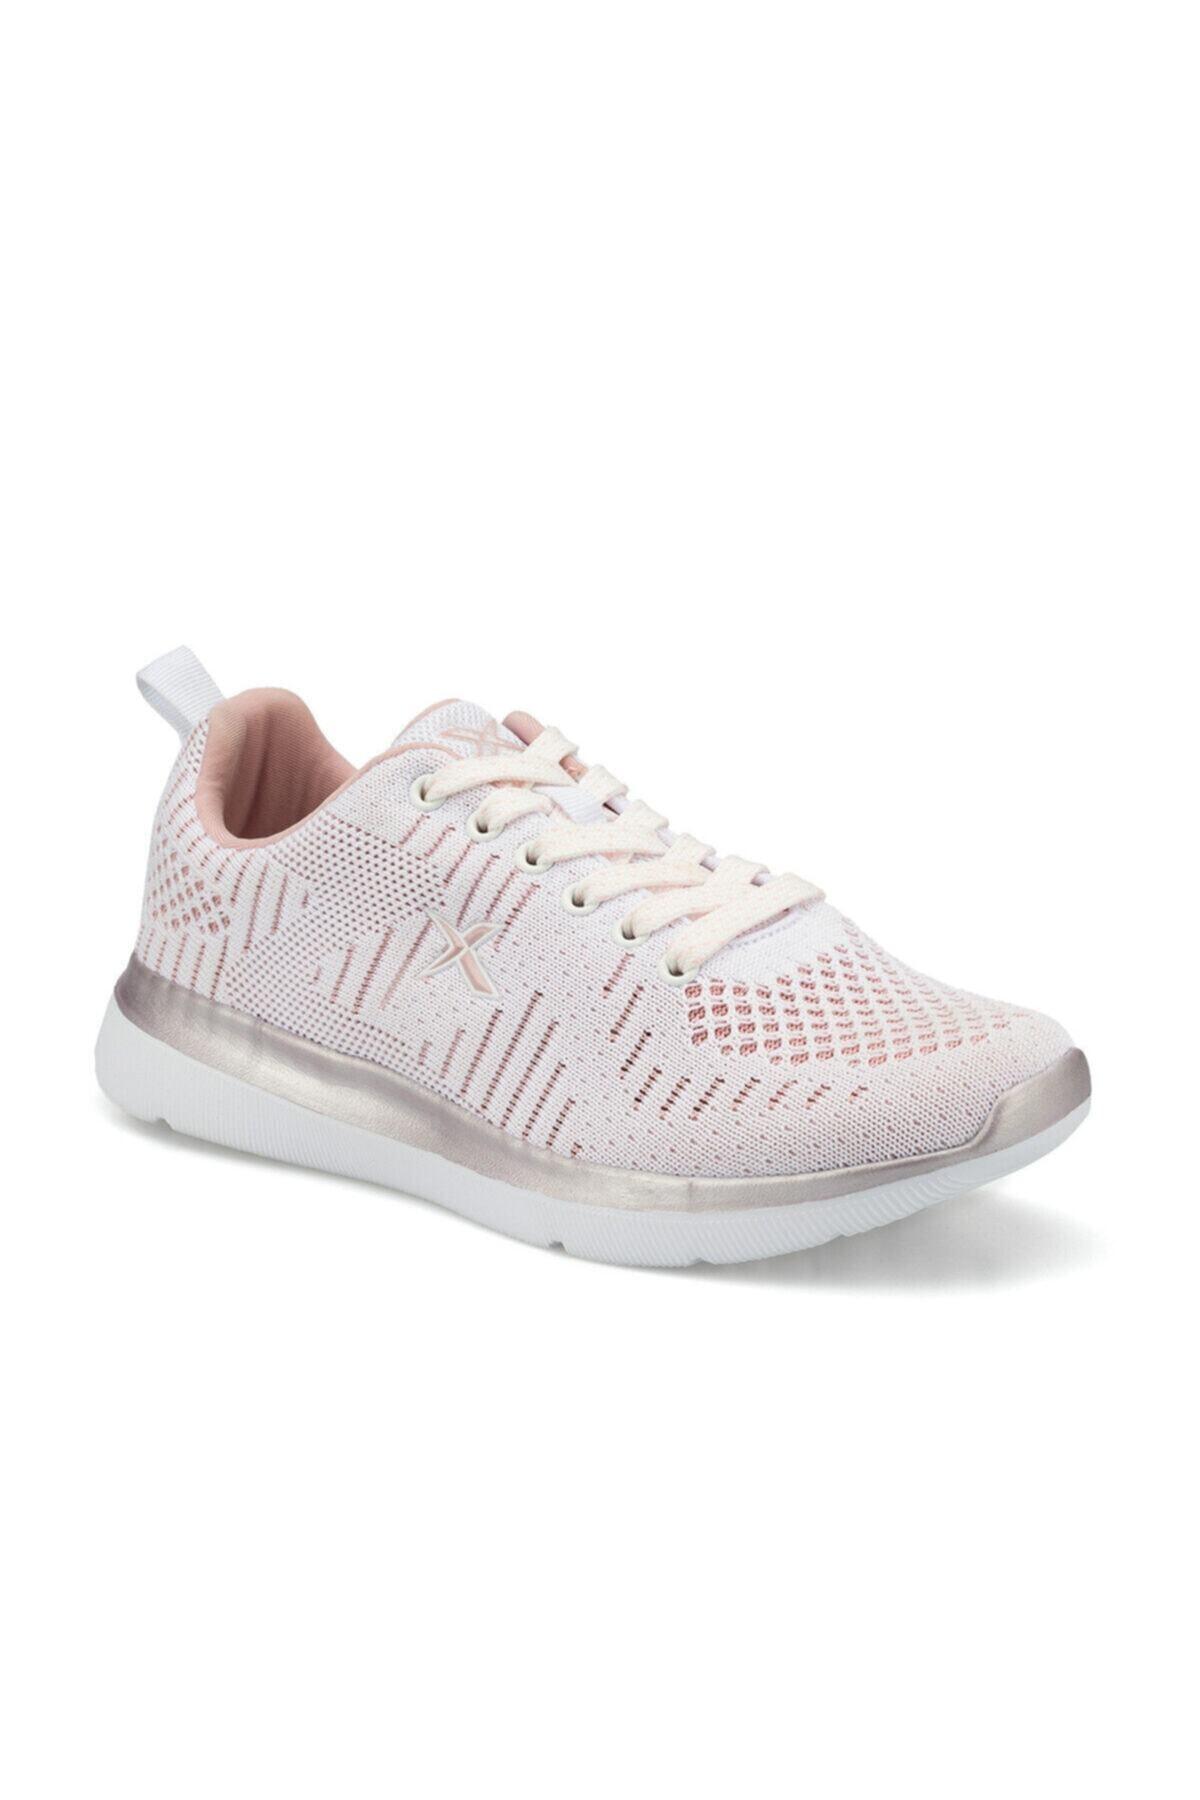 ETHAN W Beyaz Kadın Comfort Ayakkabı 100502321